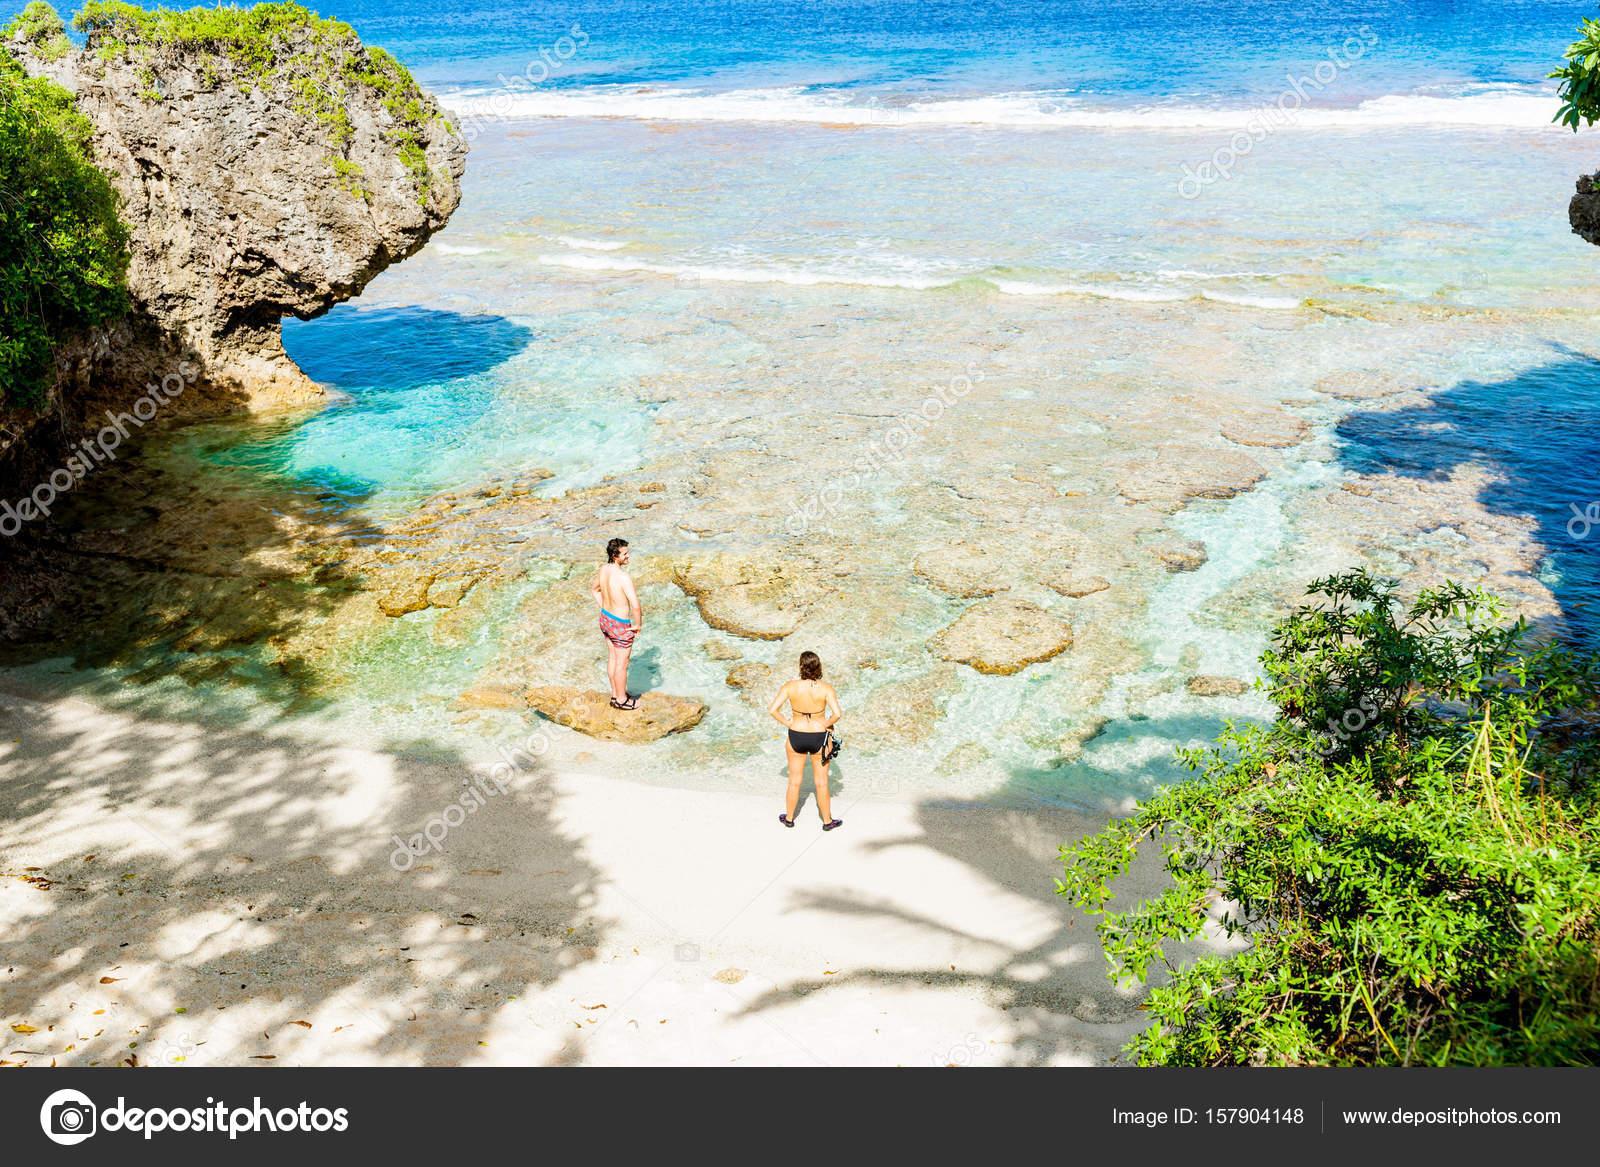 fb6754365 Colores tropicales de arrecife de coral, mar y cielo — Foto ...